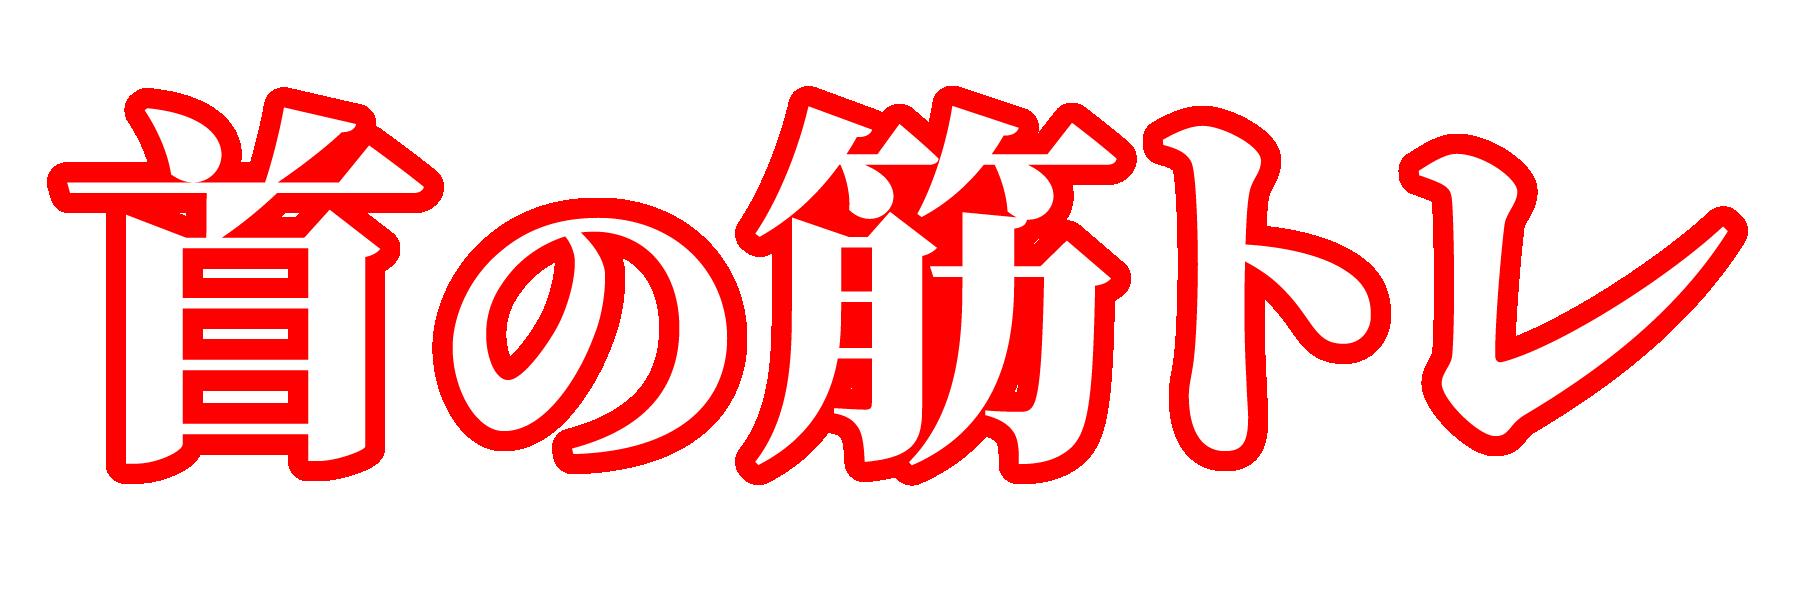 「首の筋トレ」文字デザインイラスト!無料ダウンロード素材